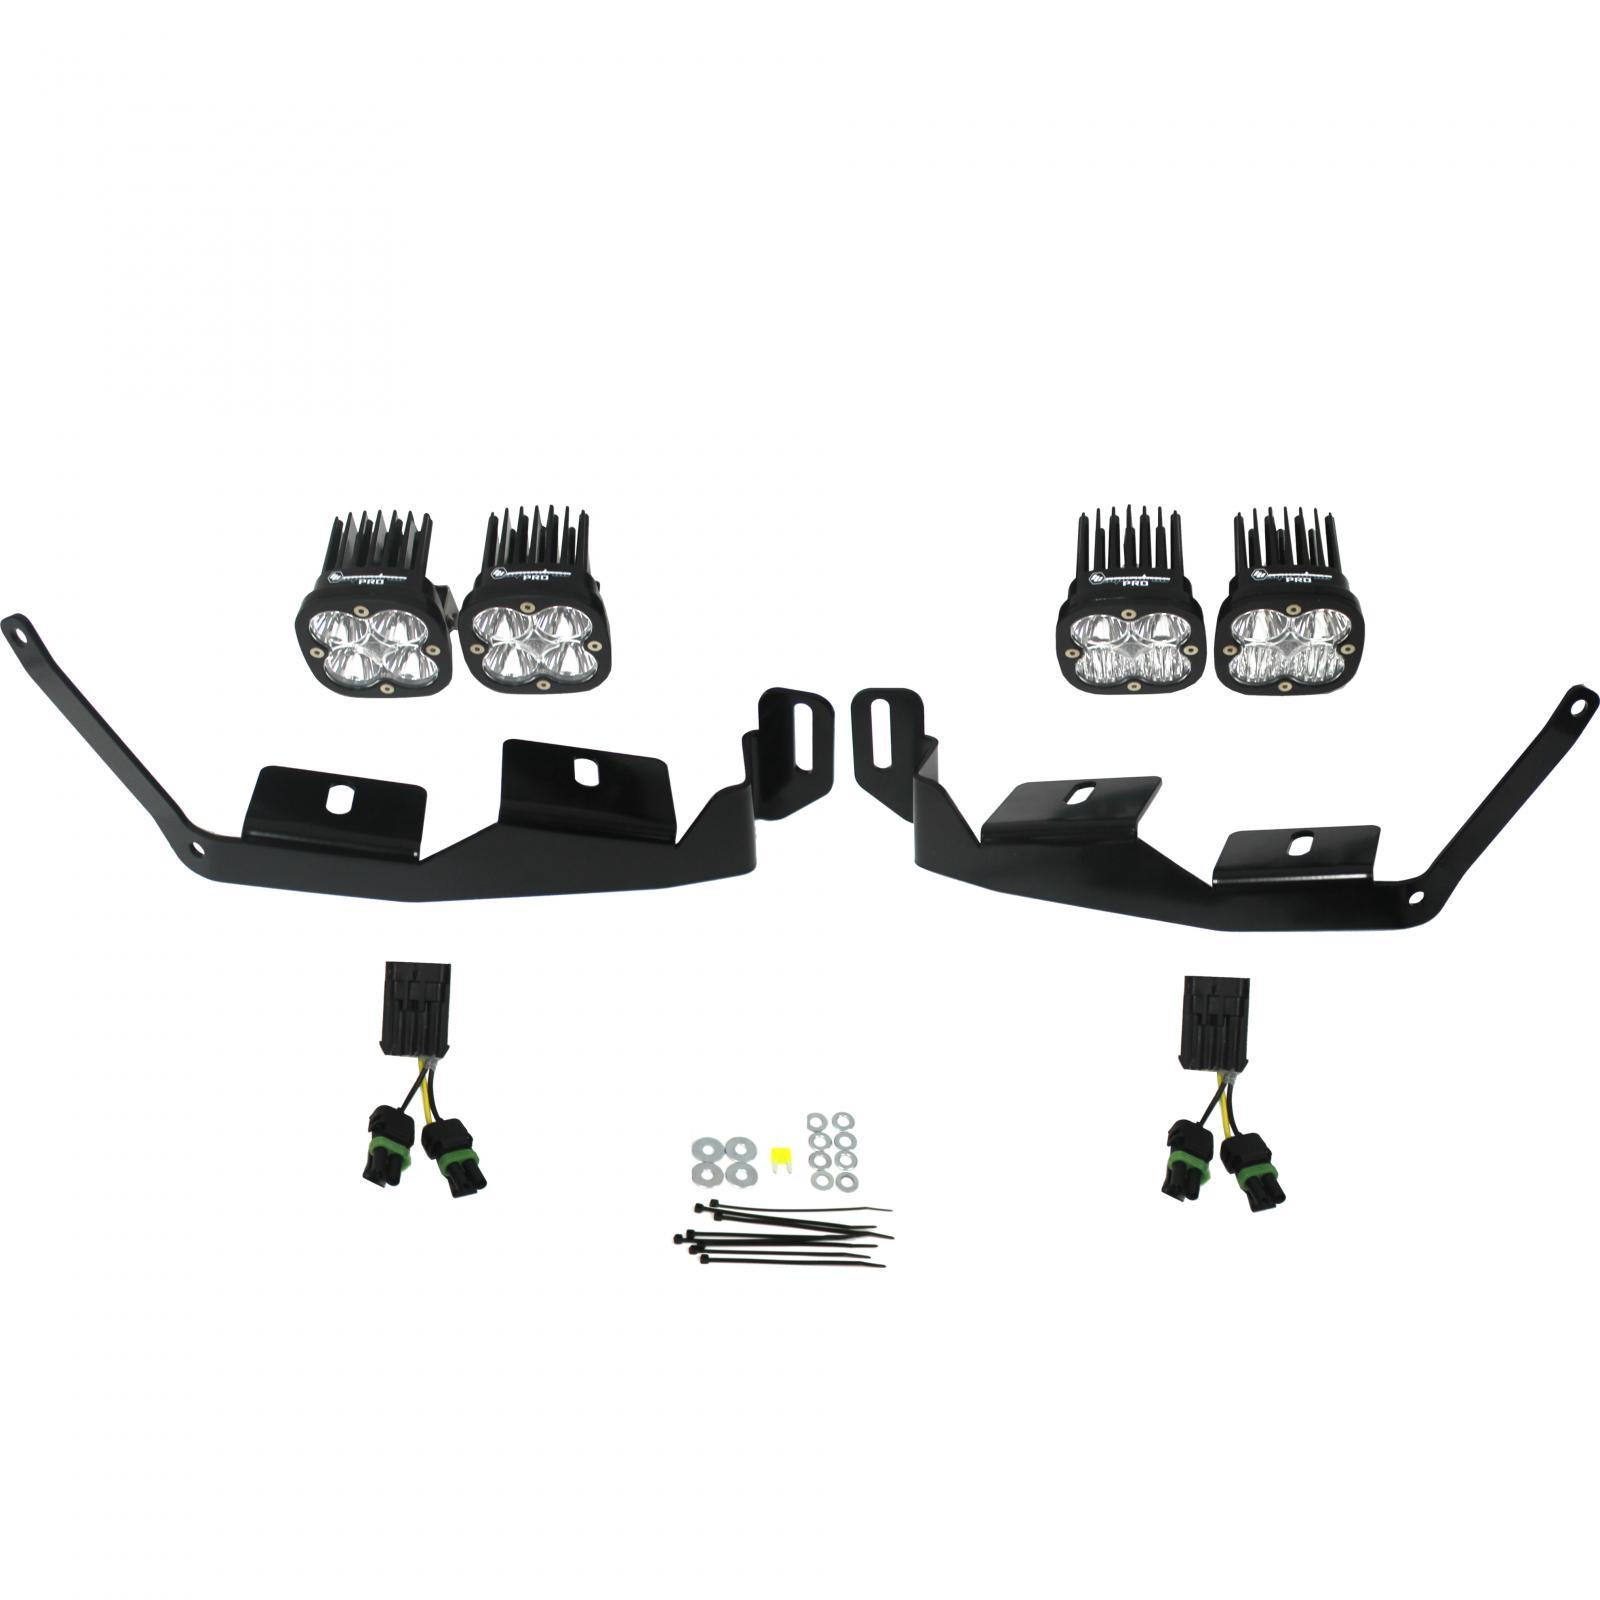 447013 Baja Designs Polaris Headlight Kit 2014-Present RZR XP1000/RS1 Pro Kit Black